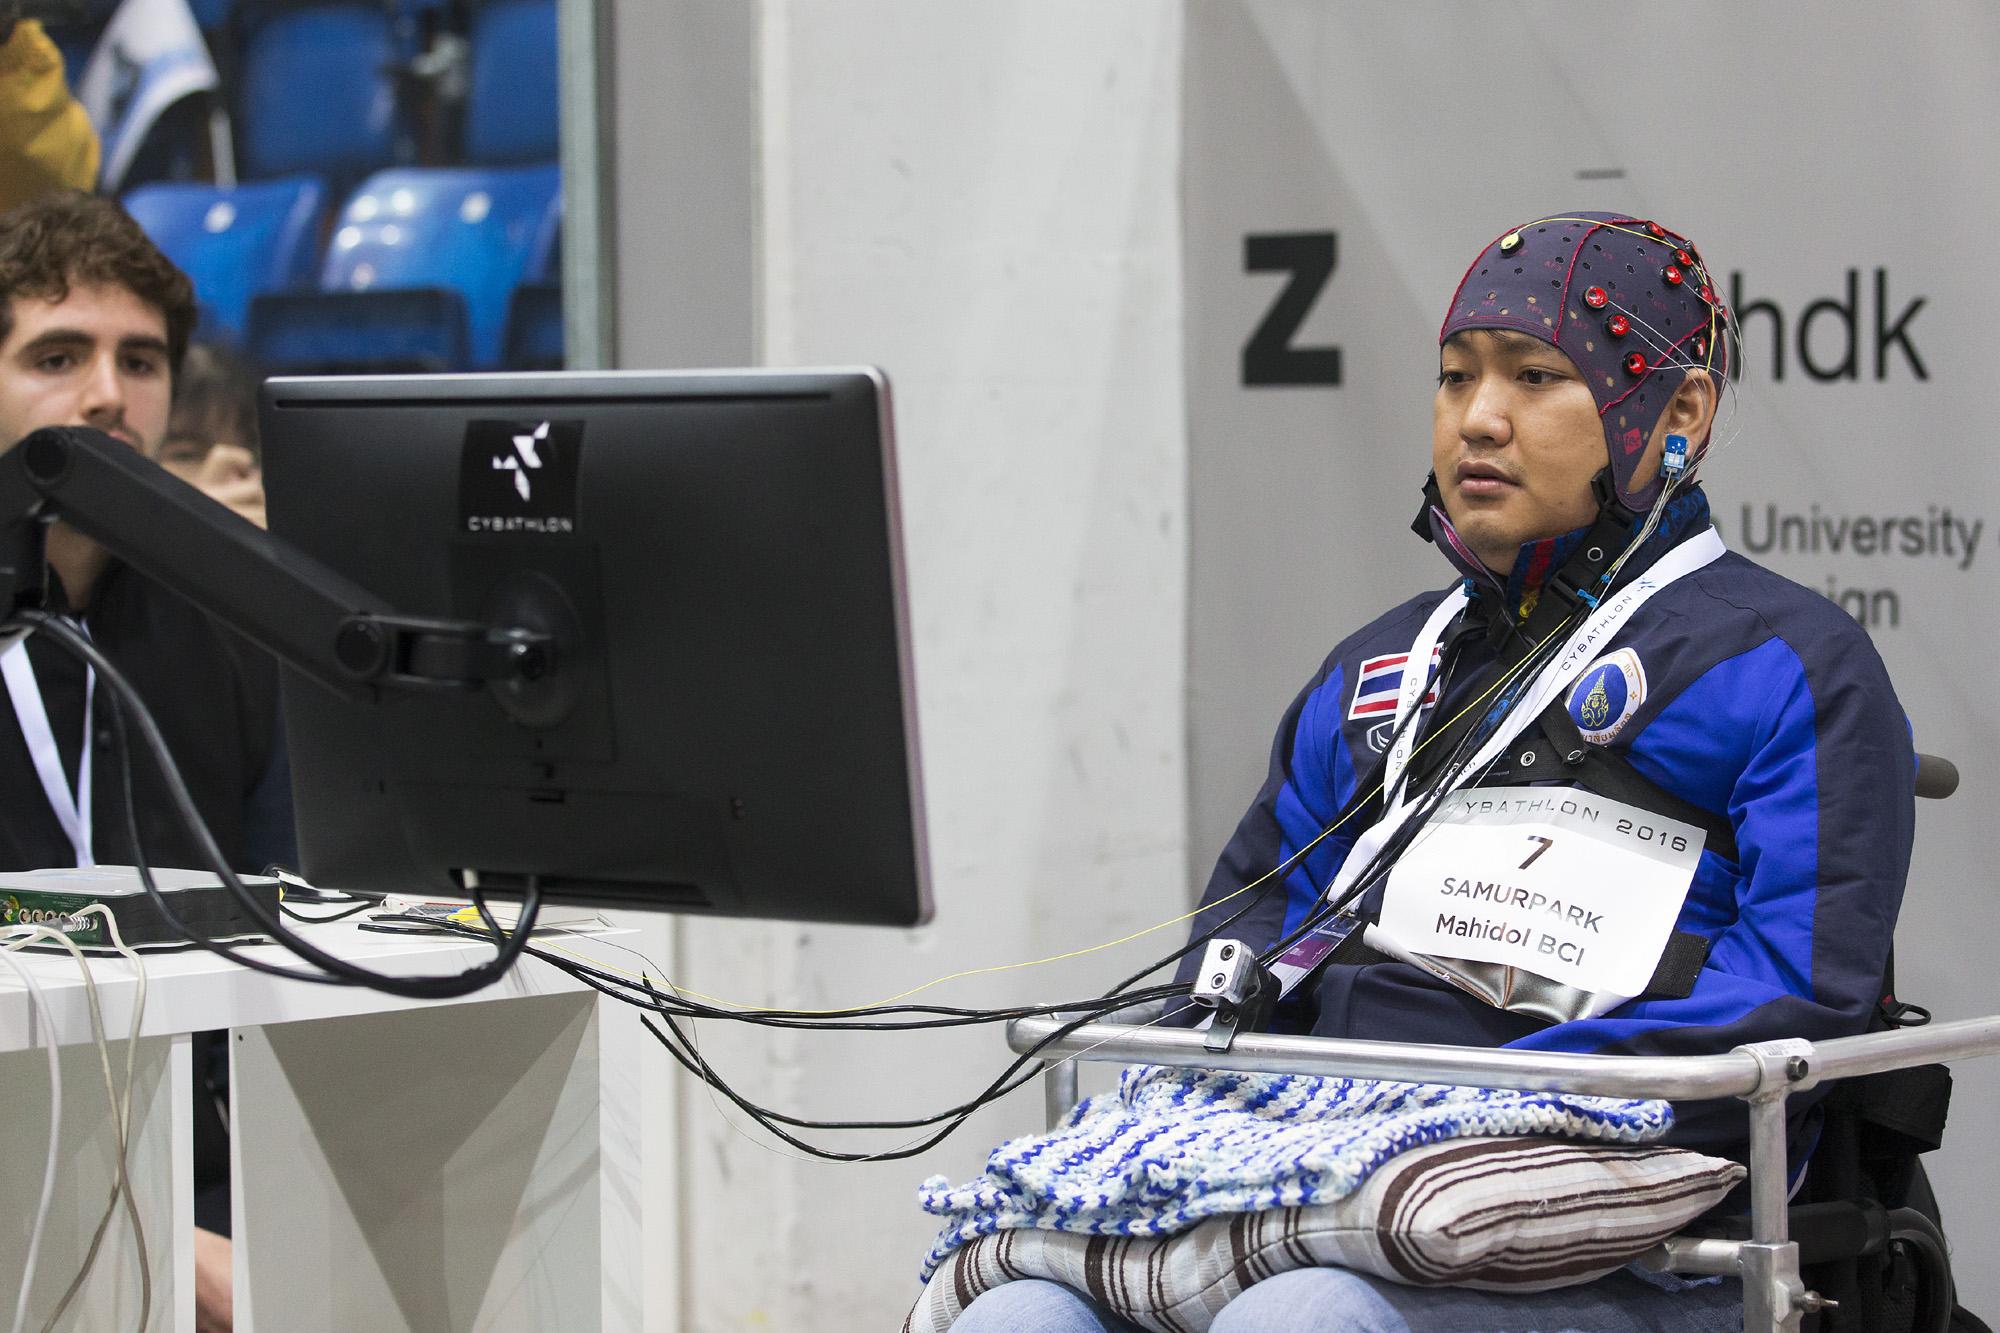 Teilnehmer am Cybathlon 2016